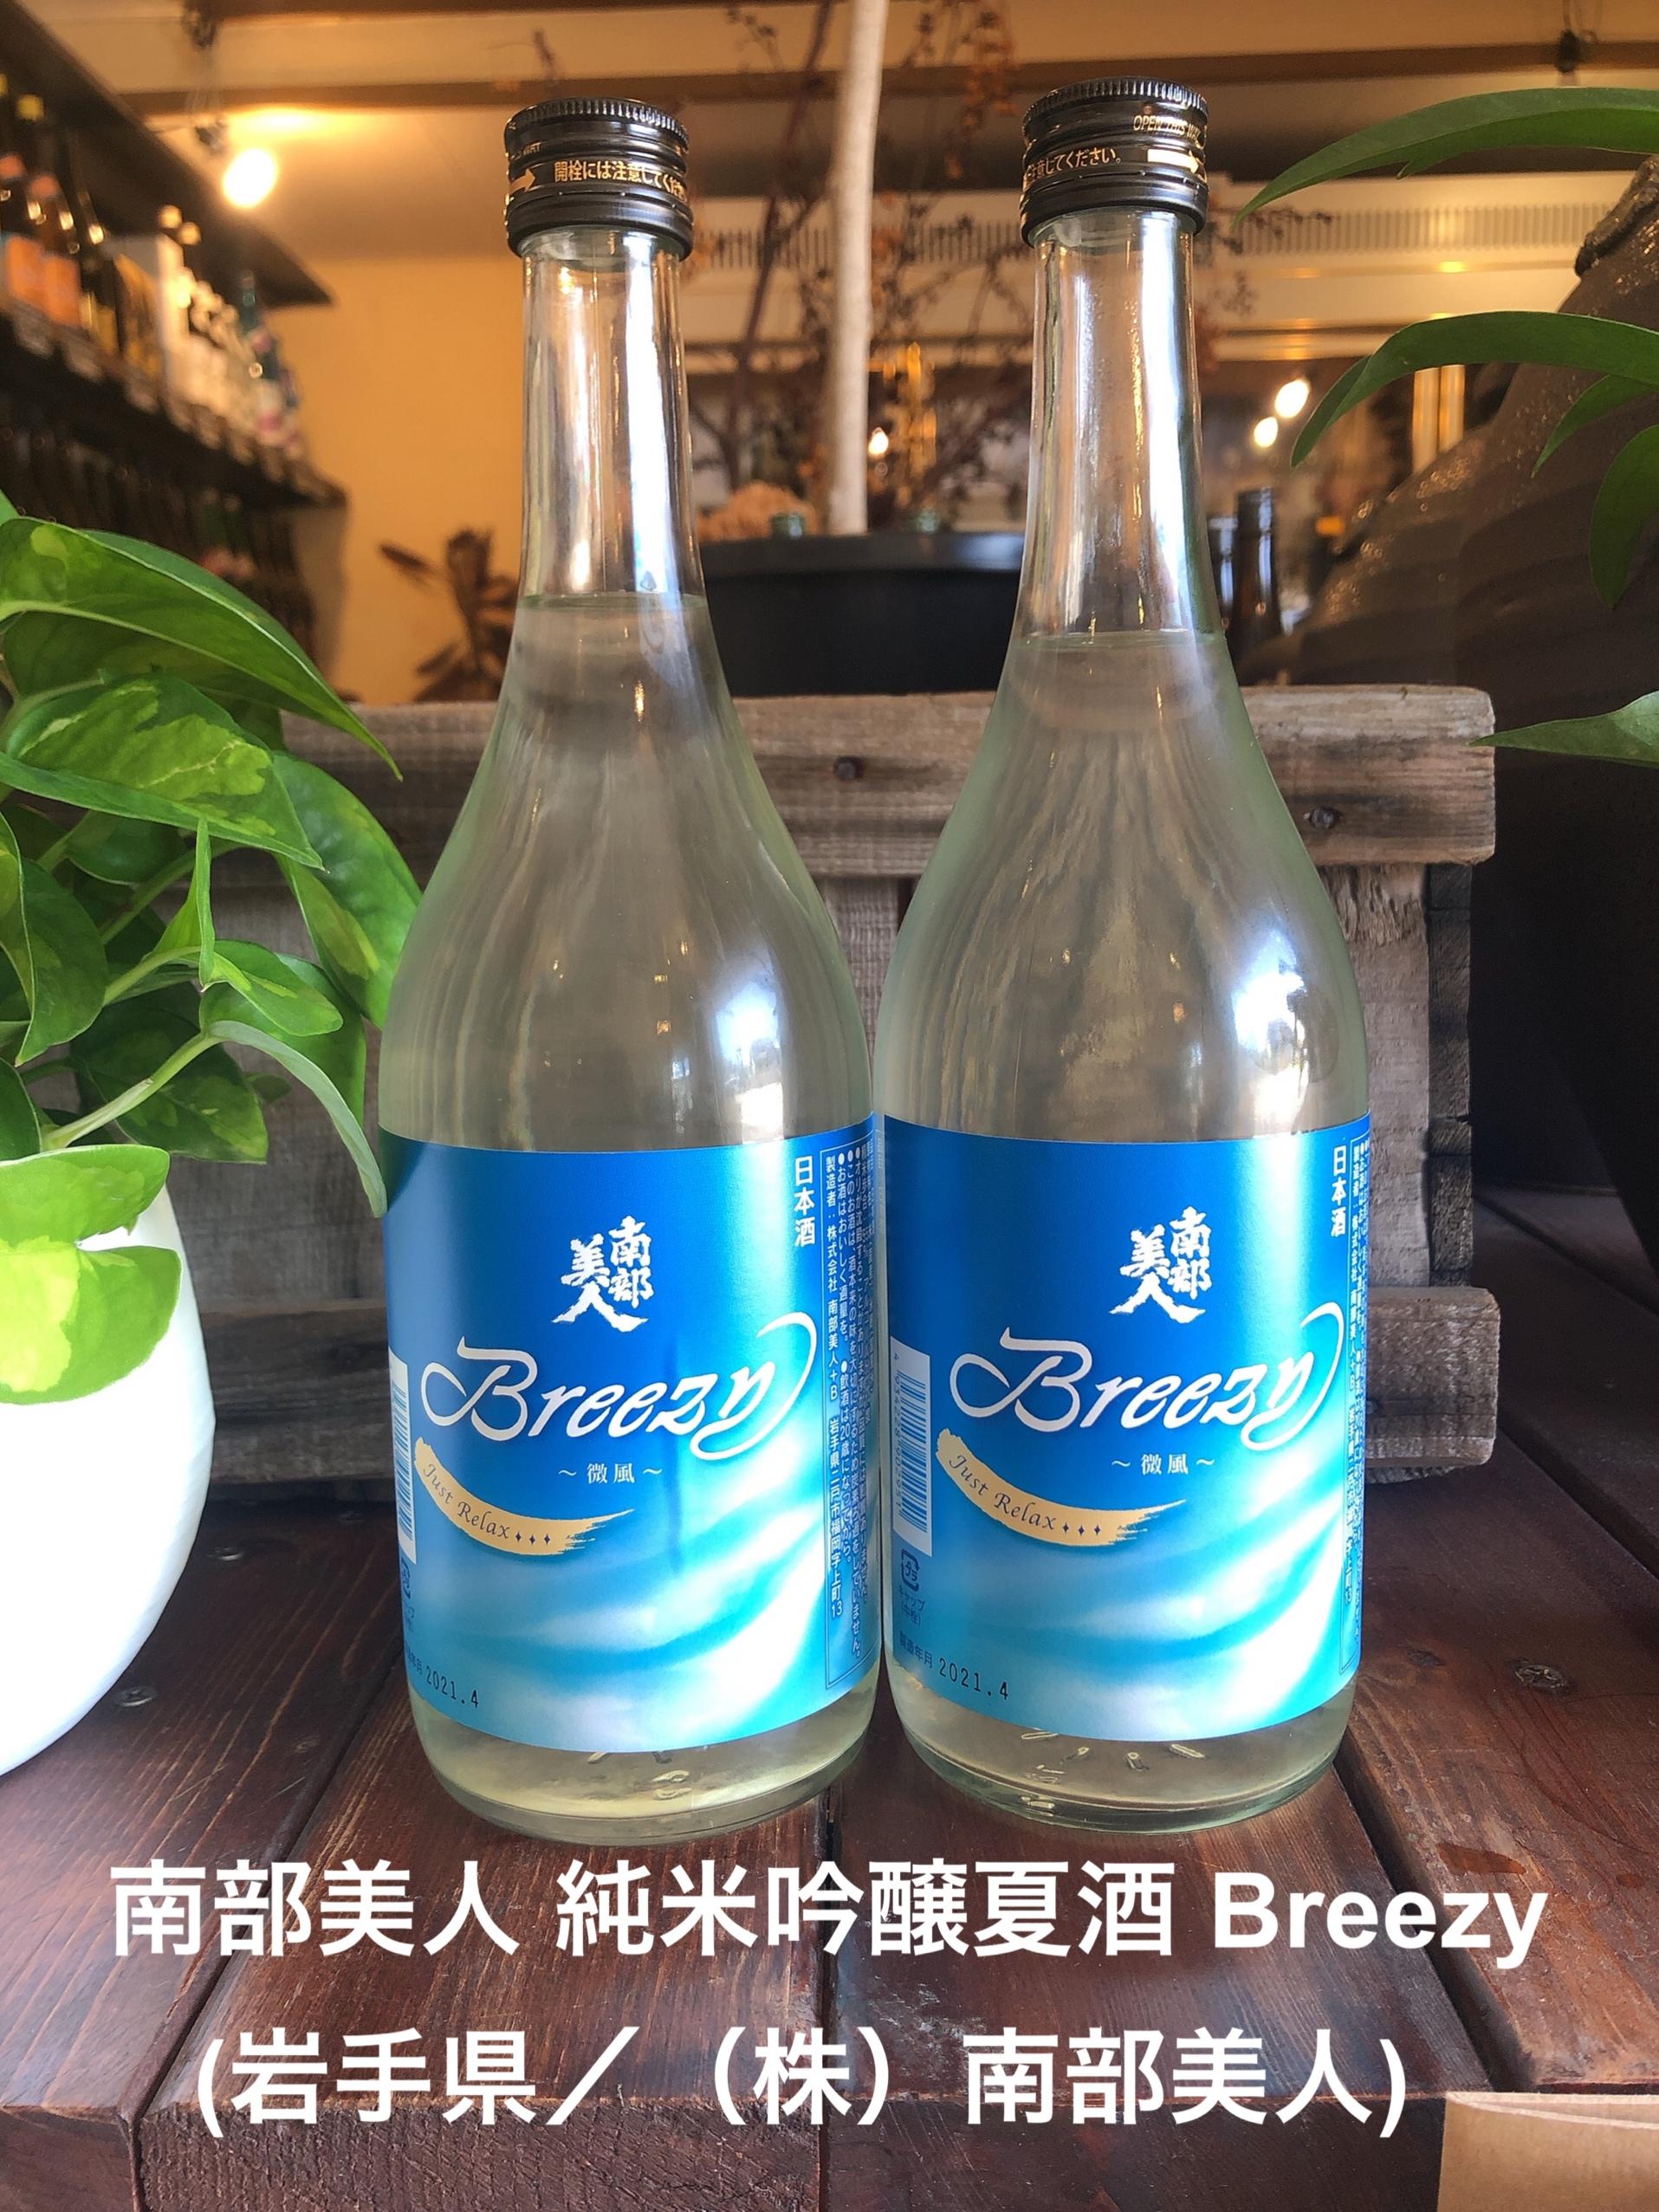 南部美人 純米吟醸 夏酒 Breezy(岩手県/㈱南部美人)